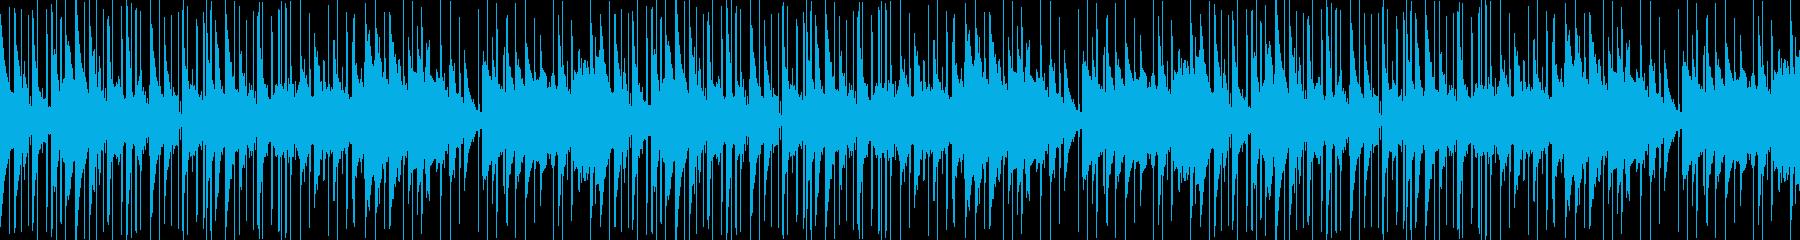 チルアウト、ピアノ、ゆったり、お洒落の再生済みの波形